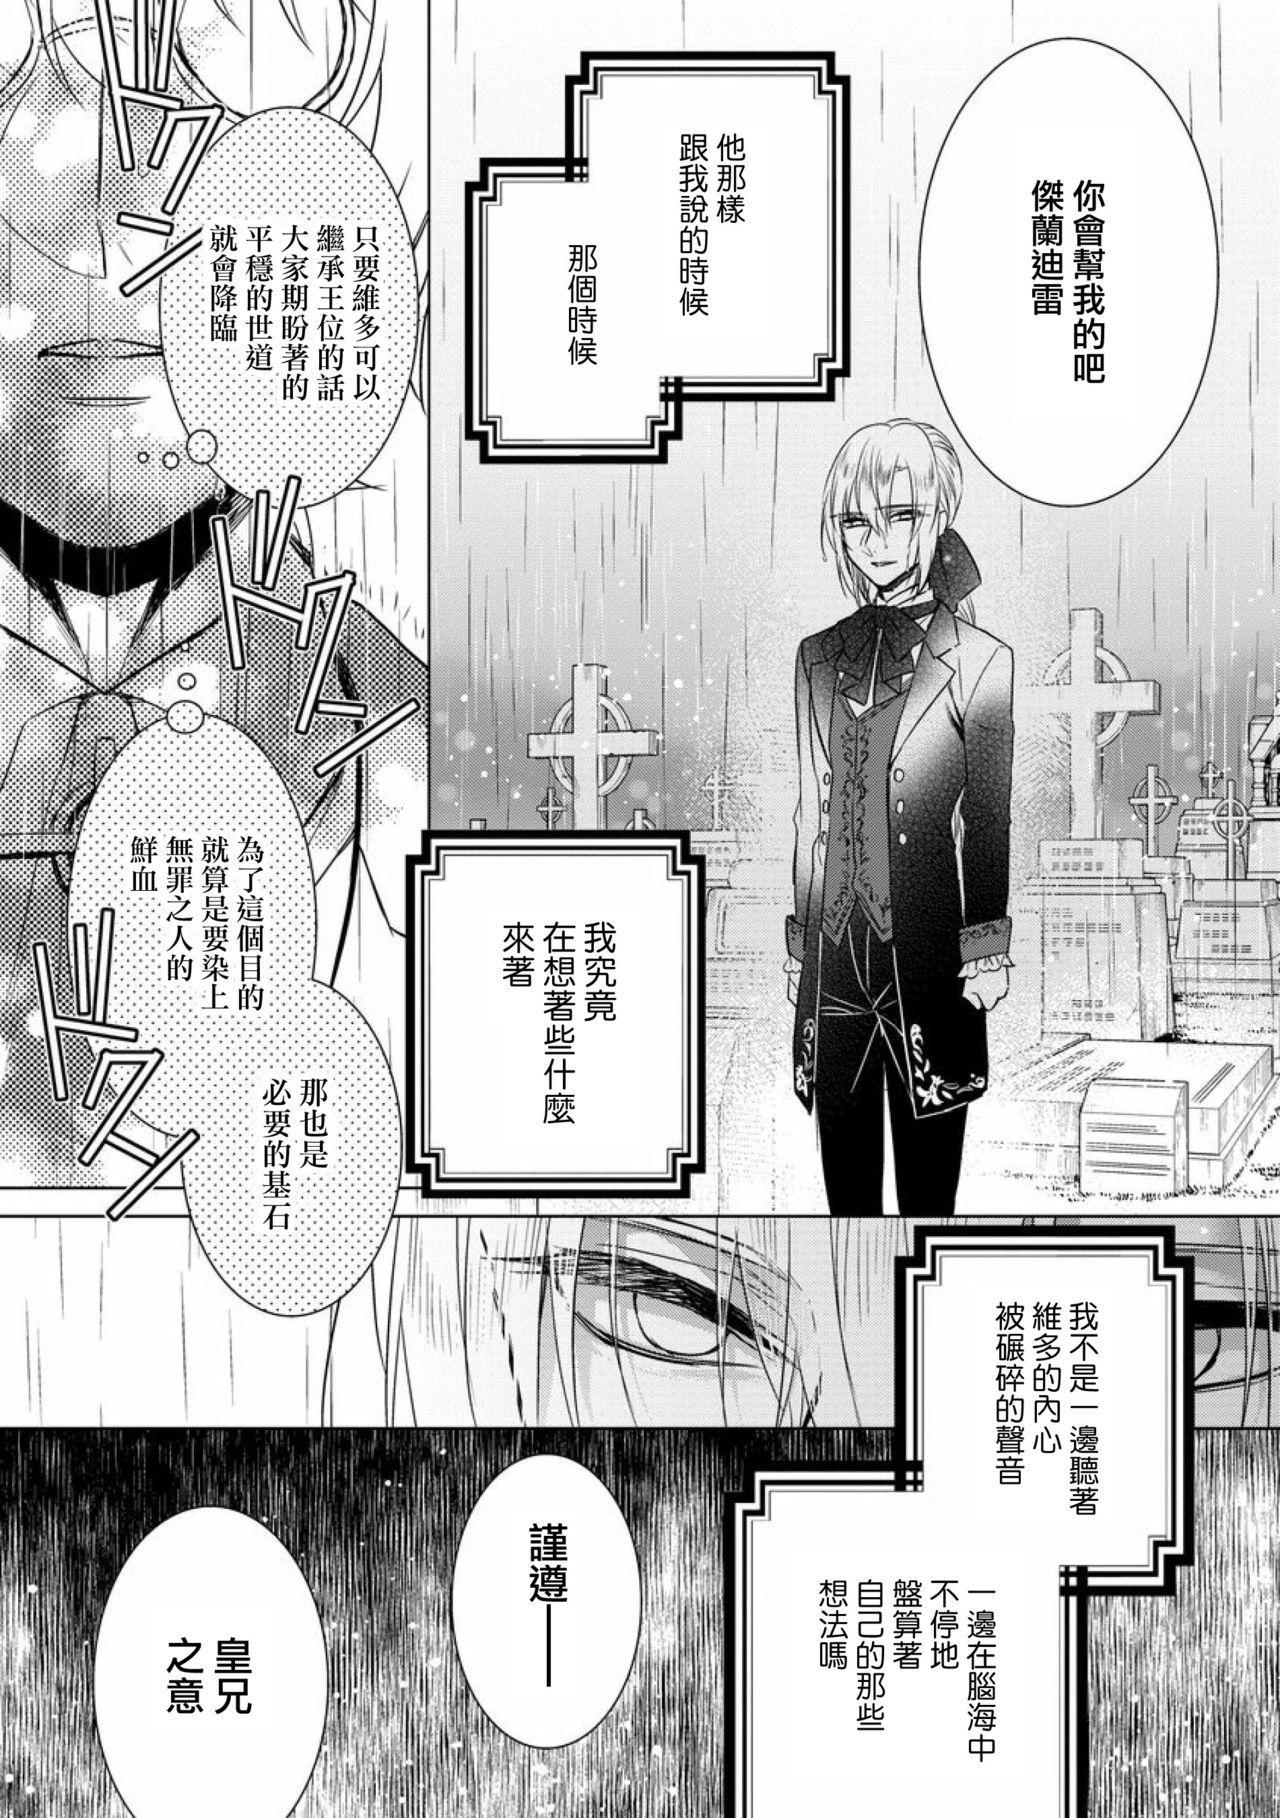 [Saotome Mokono] Kyououji no Ibitsu na Shuuai ~Nyotaika Knight no Totsukitooka~ Ch. 12 [Chinese] [瑞树汉化组] [Digital] 3